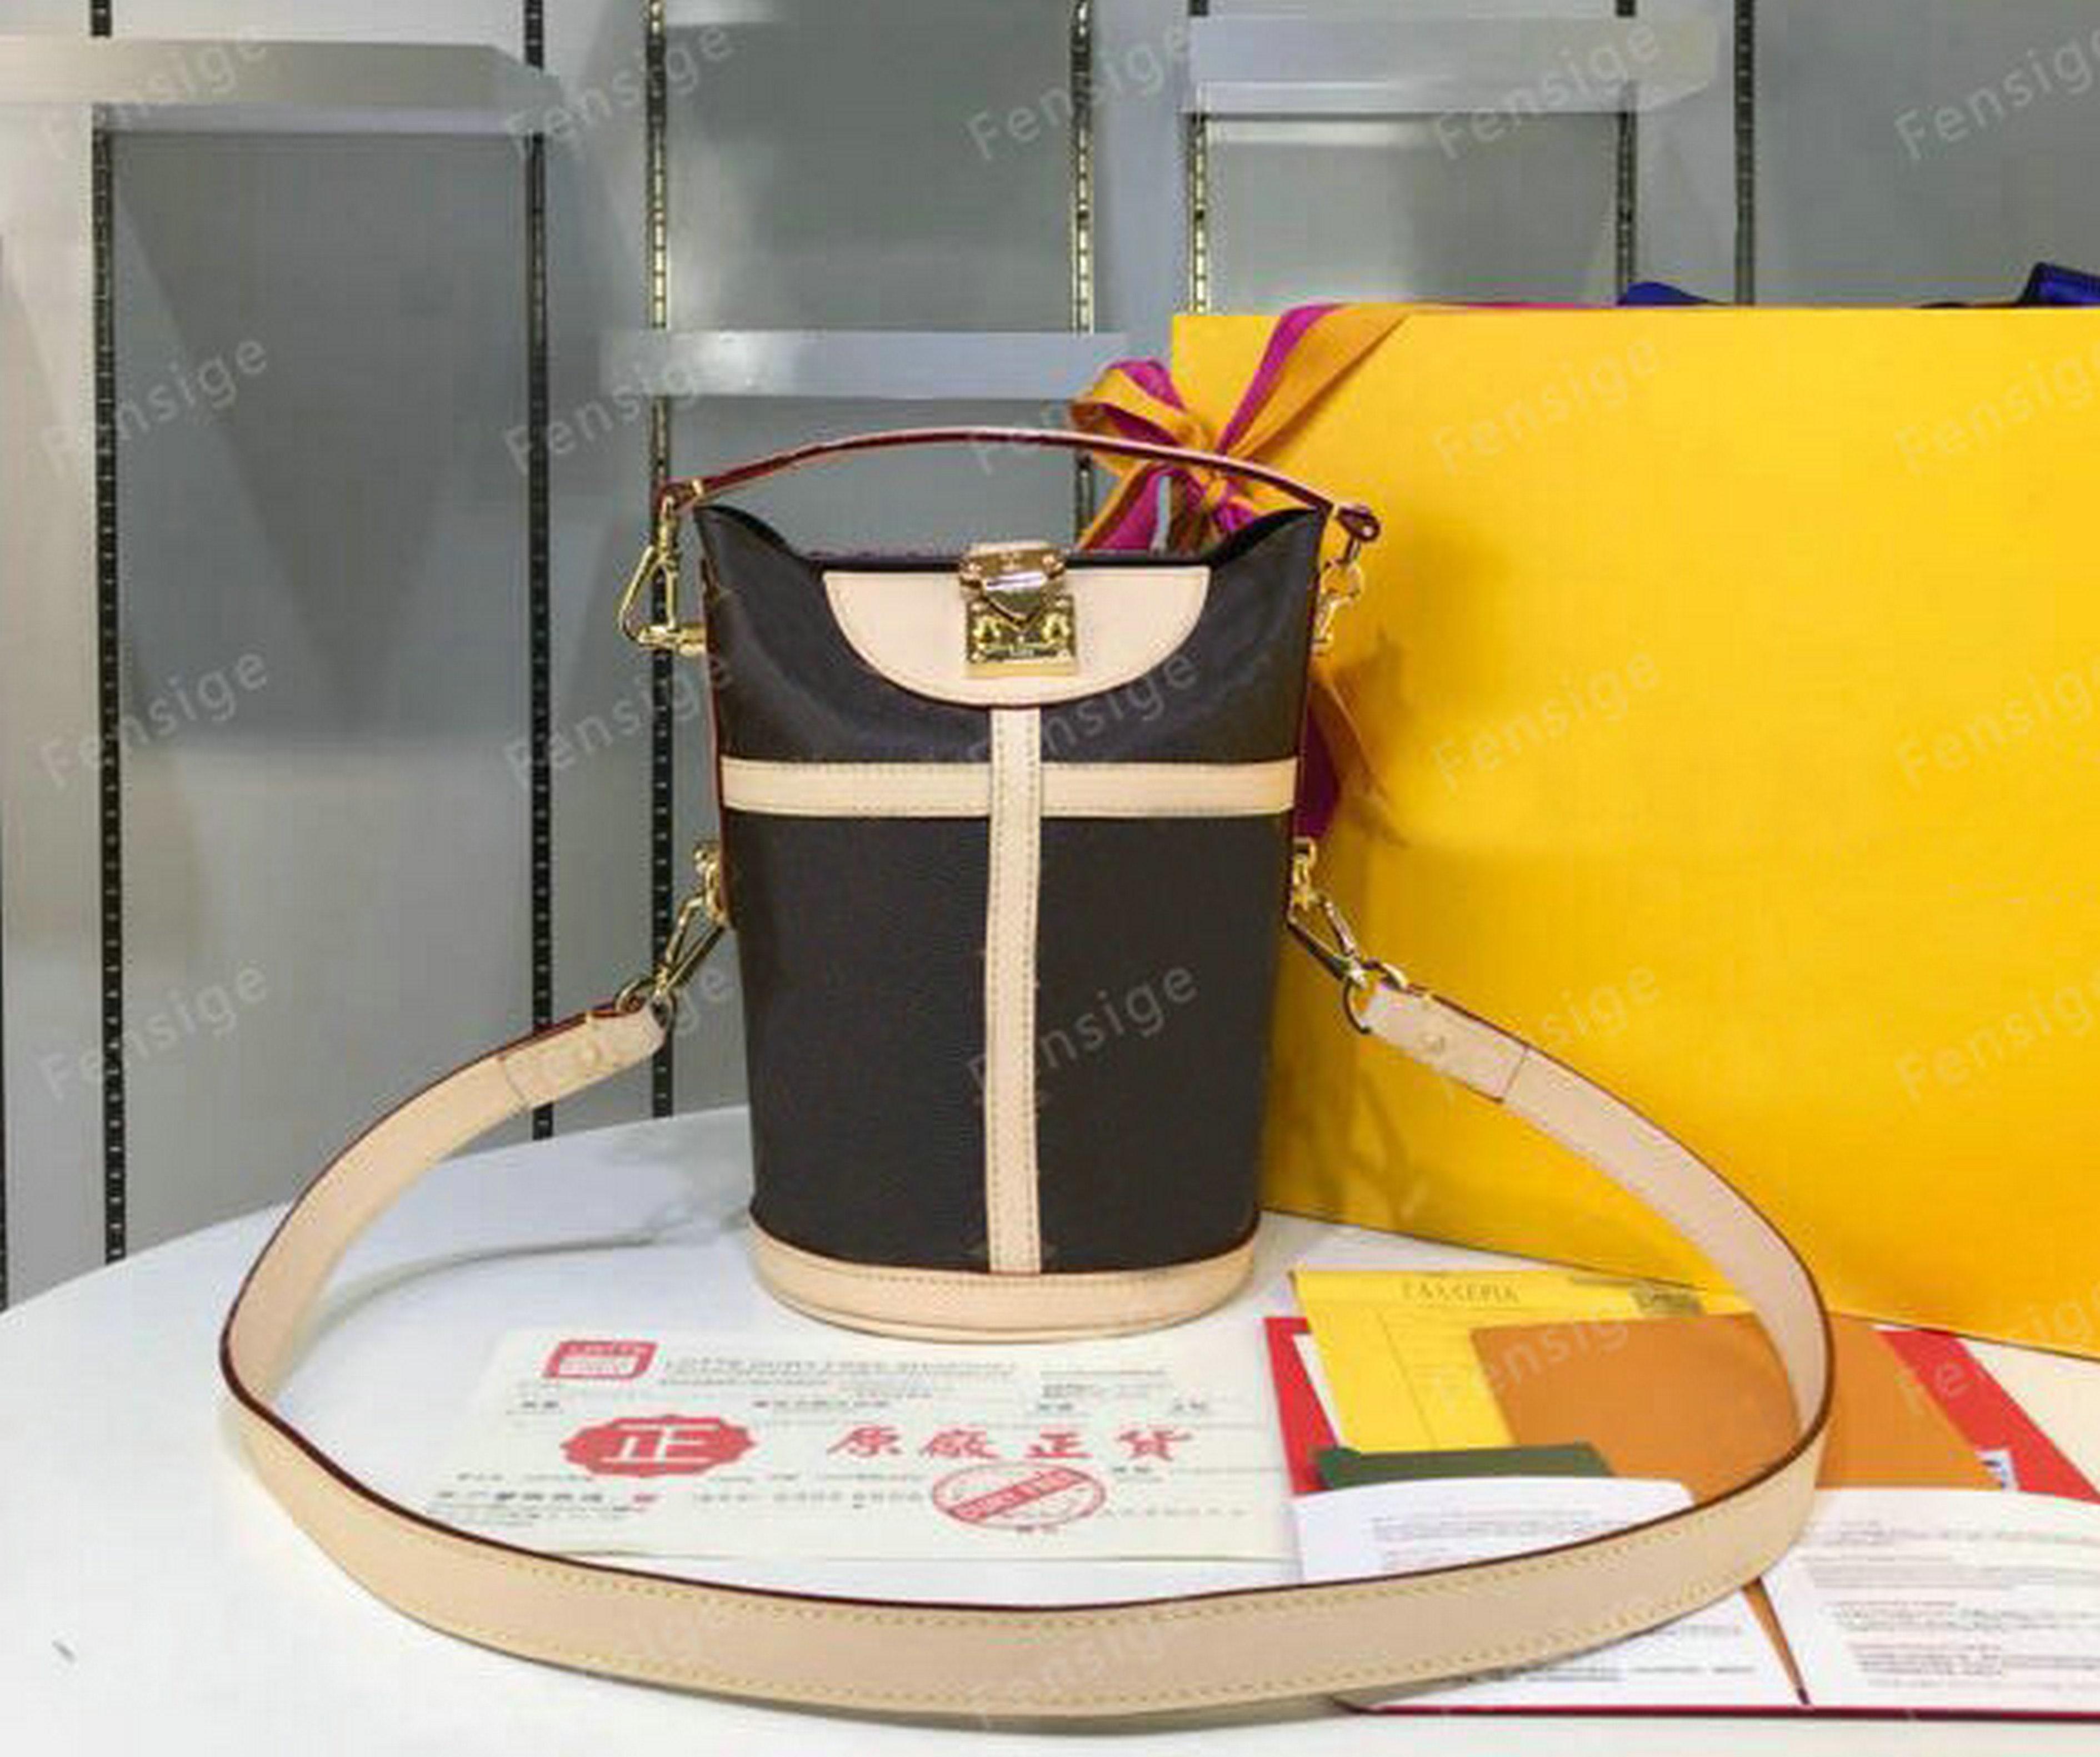 Bolso de lujo de lujo en un solo cuero Totes M43587 Duffle Cowhide Hombro Deseadores de ocio NonO Cross Bags Bolsos Cuerpo LDNDK